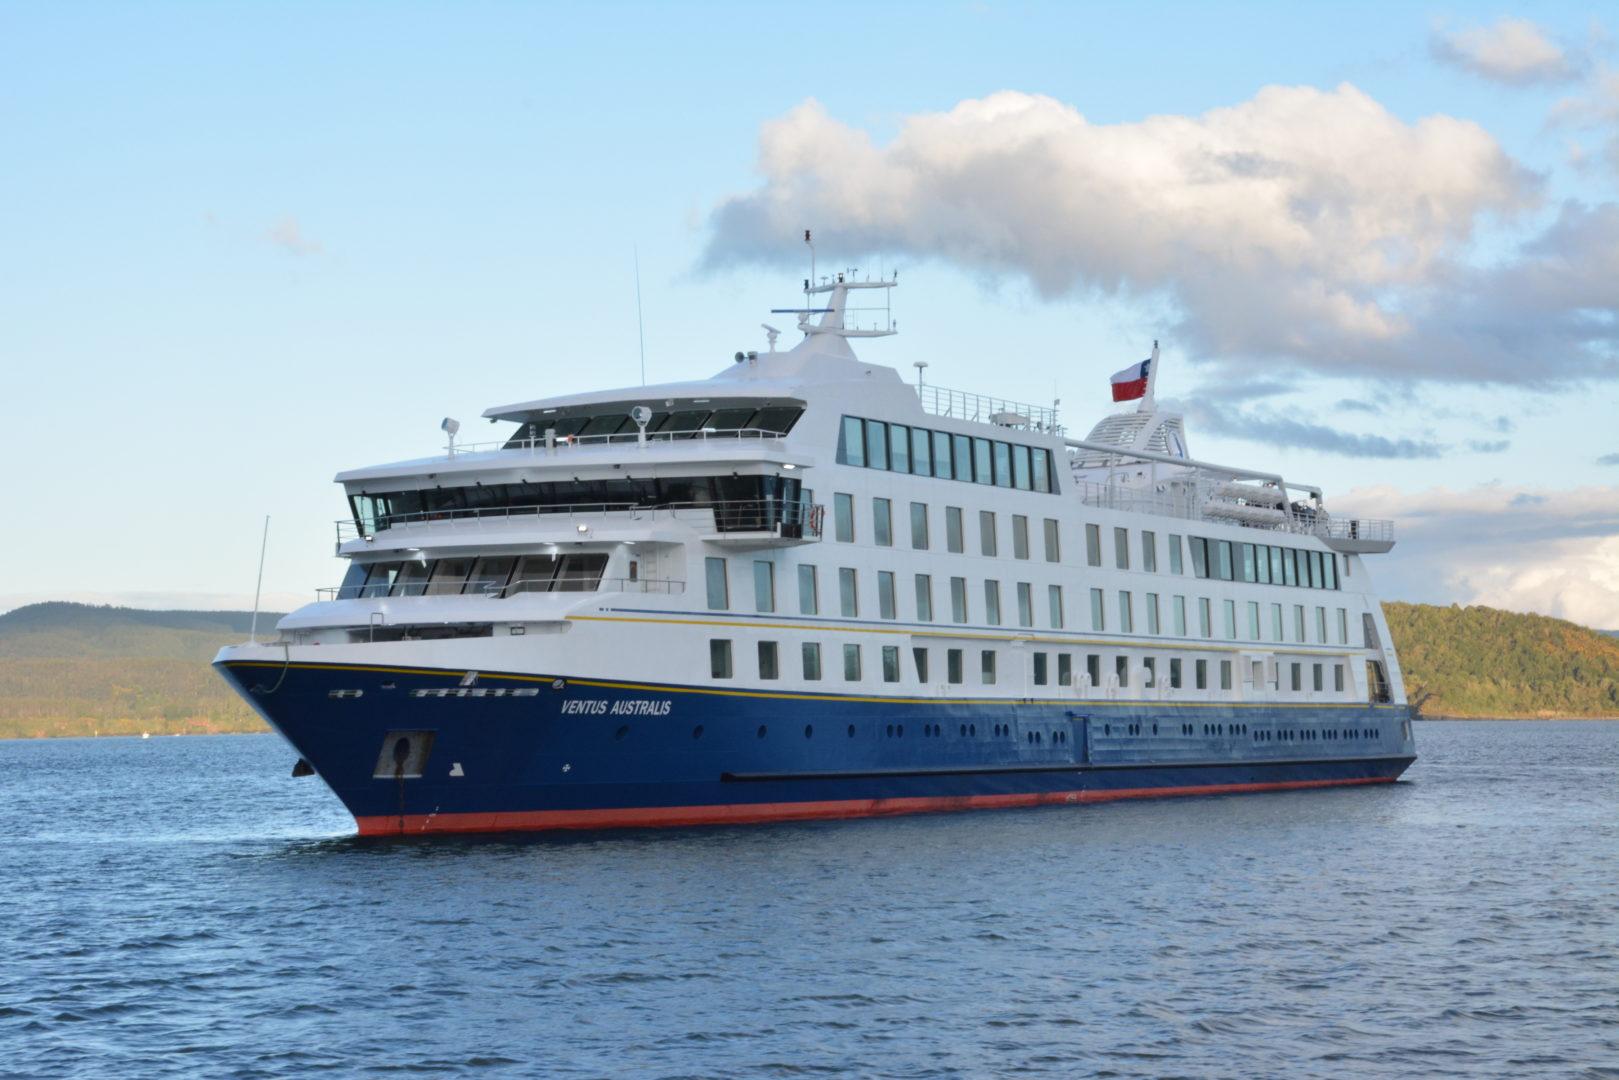 Crucero Ventus Australis